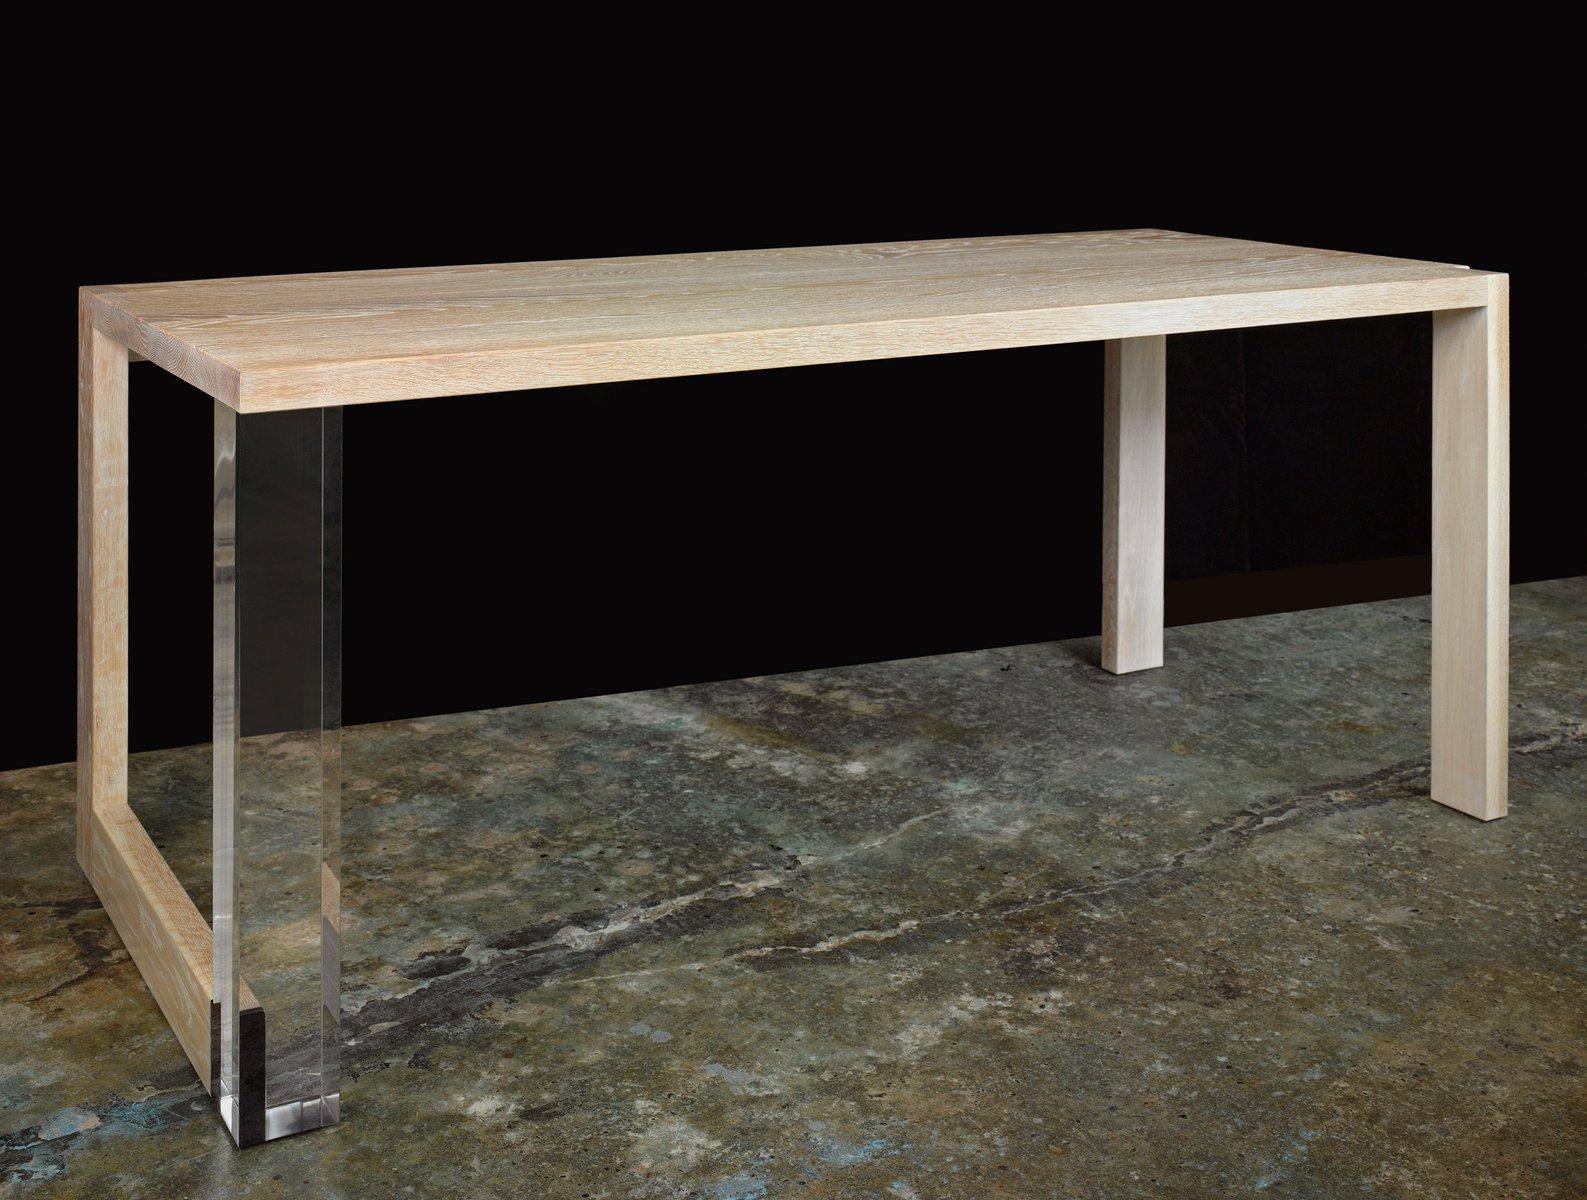 tisch aus gekalkter eiche und plexiglas von paul kelley. Black Bedroom Furniture Sets. Home Design Ideas